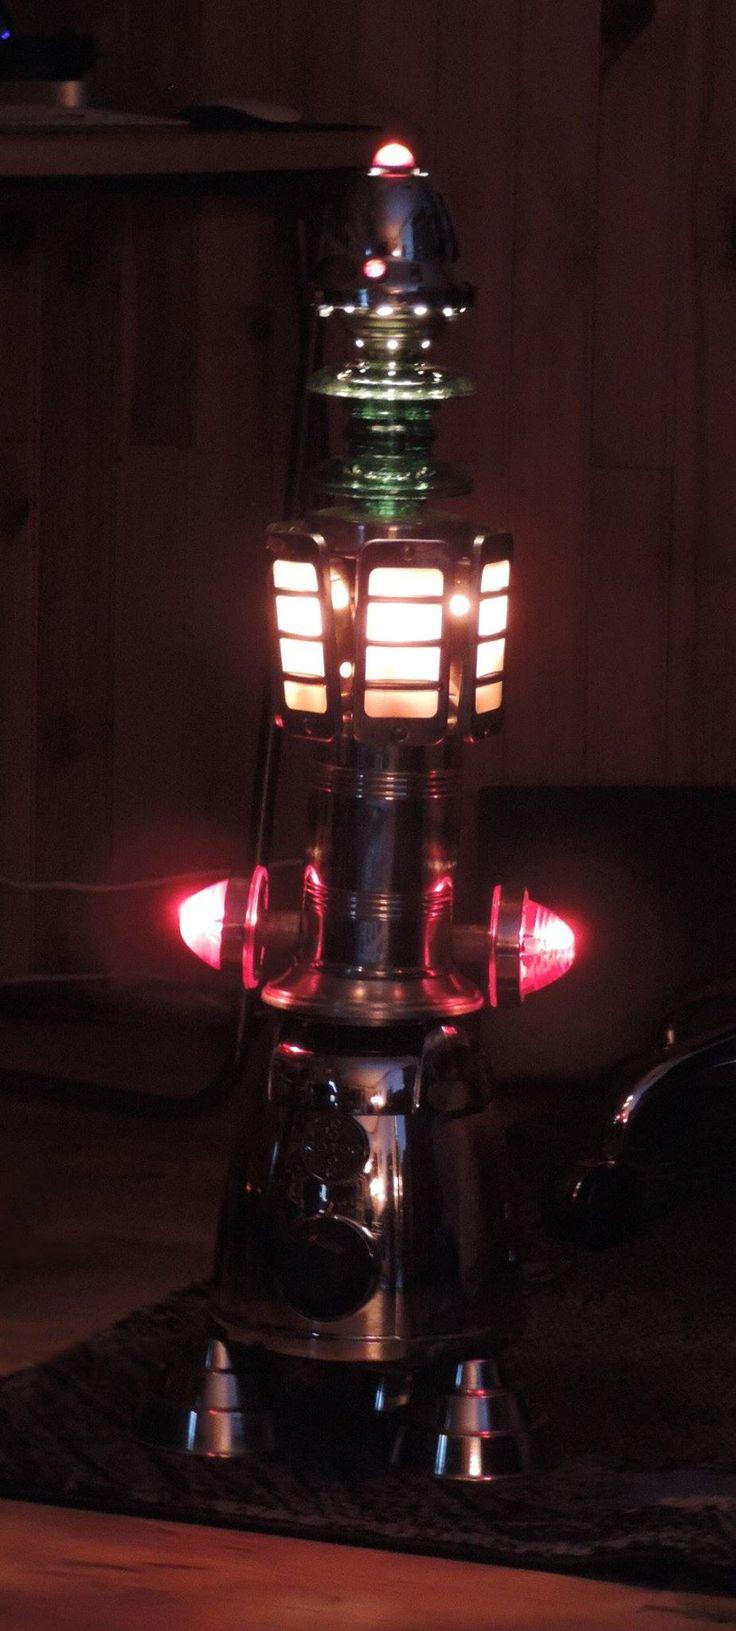 Lampe originale en métal recylclé  avec plusieurs niveaux d'éclairage. Utilisation de feux rouges d'origine Citroen, isolateurs électriques en verre,...  #Lampe #Sculpture #Recyclé #Métal #Métallique